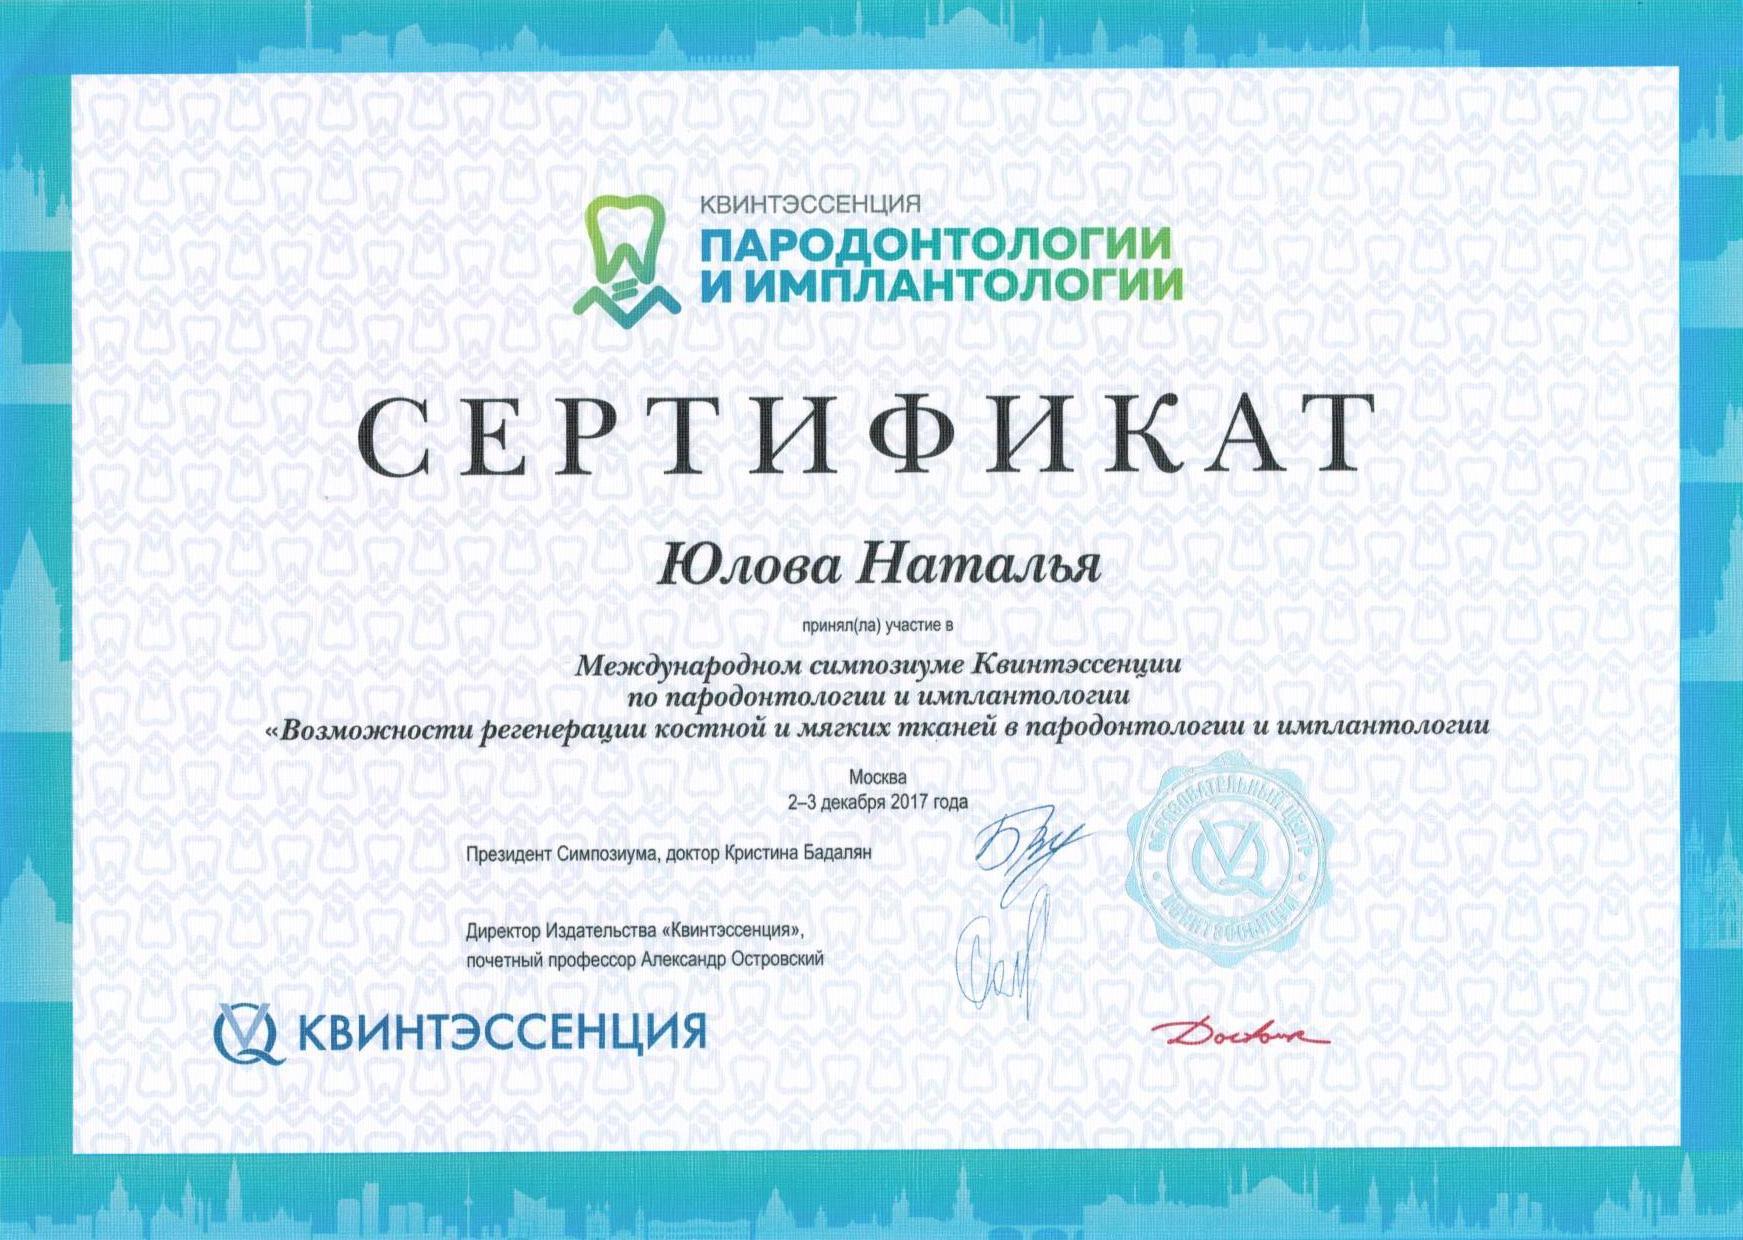 сертификат Юлова (Москва 2-3 декабря 2017)